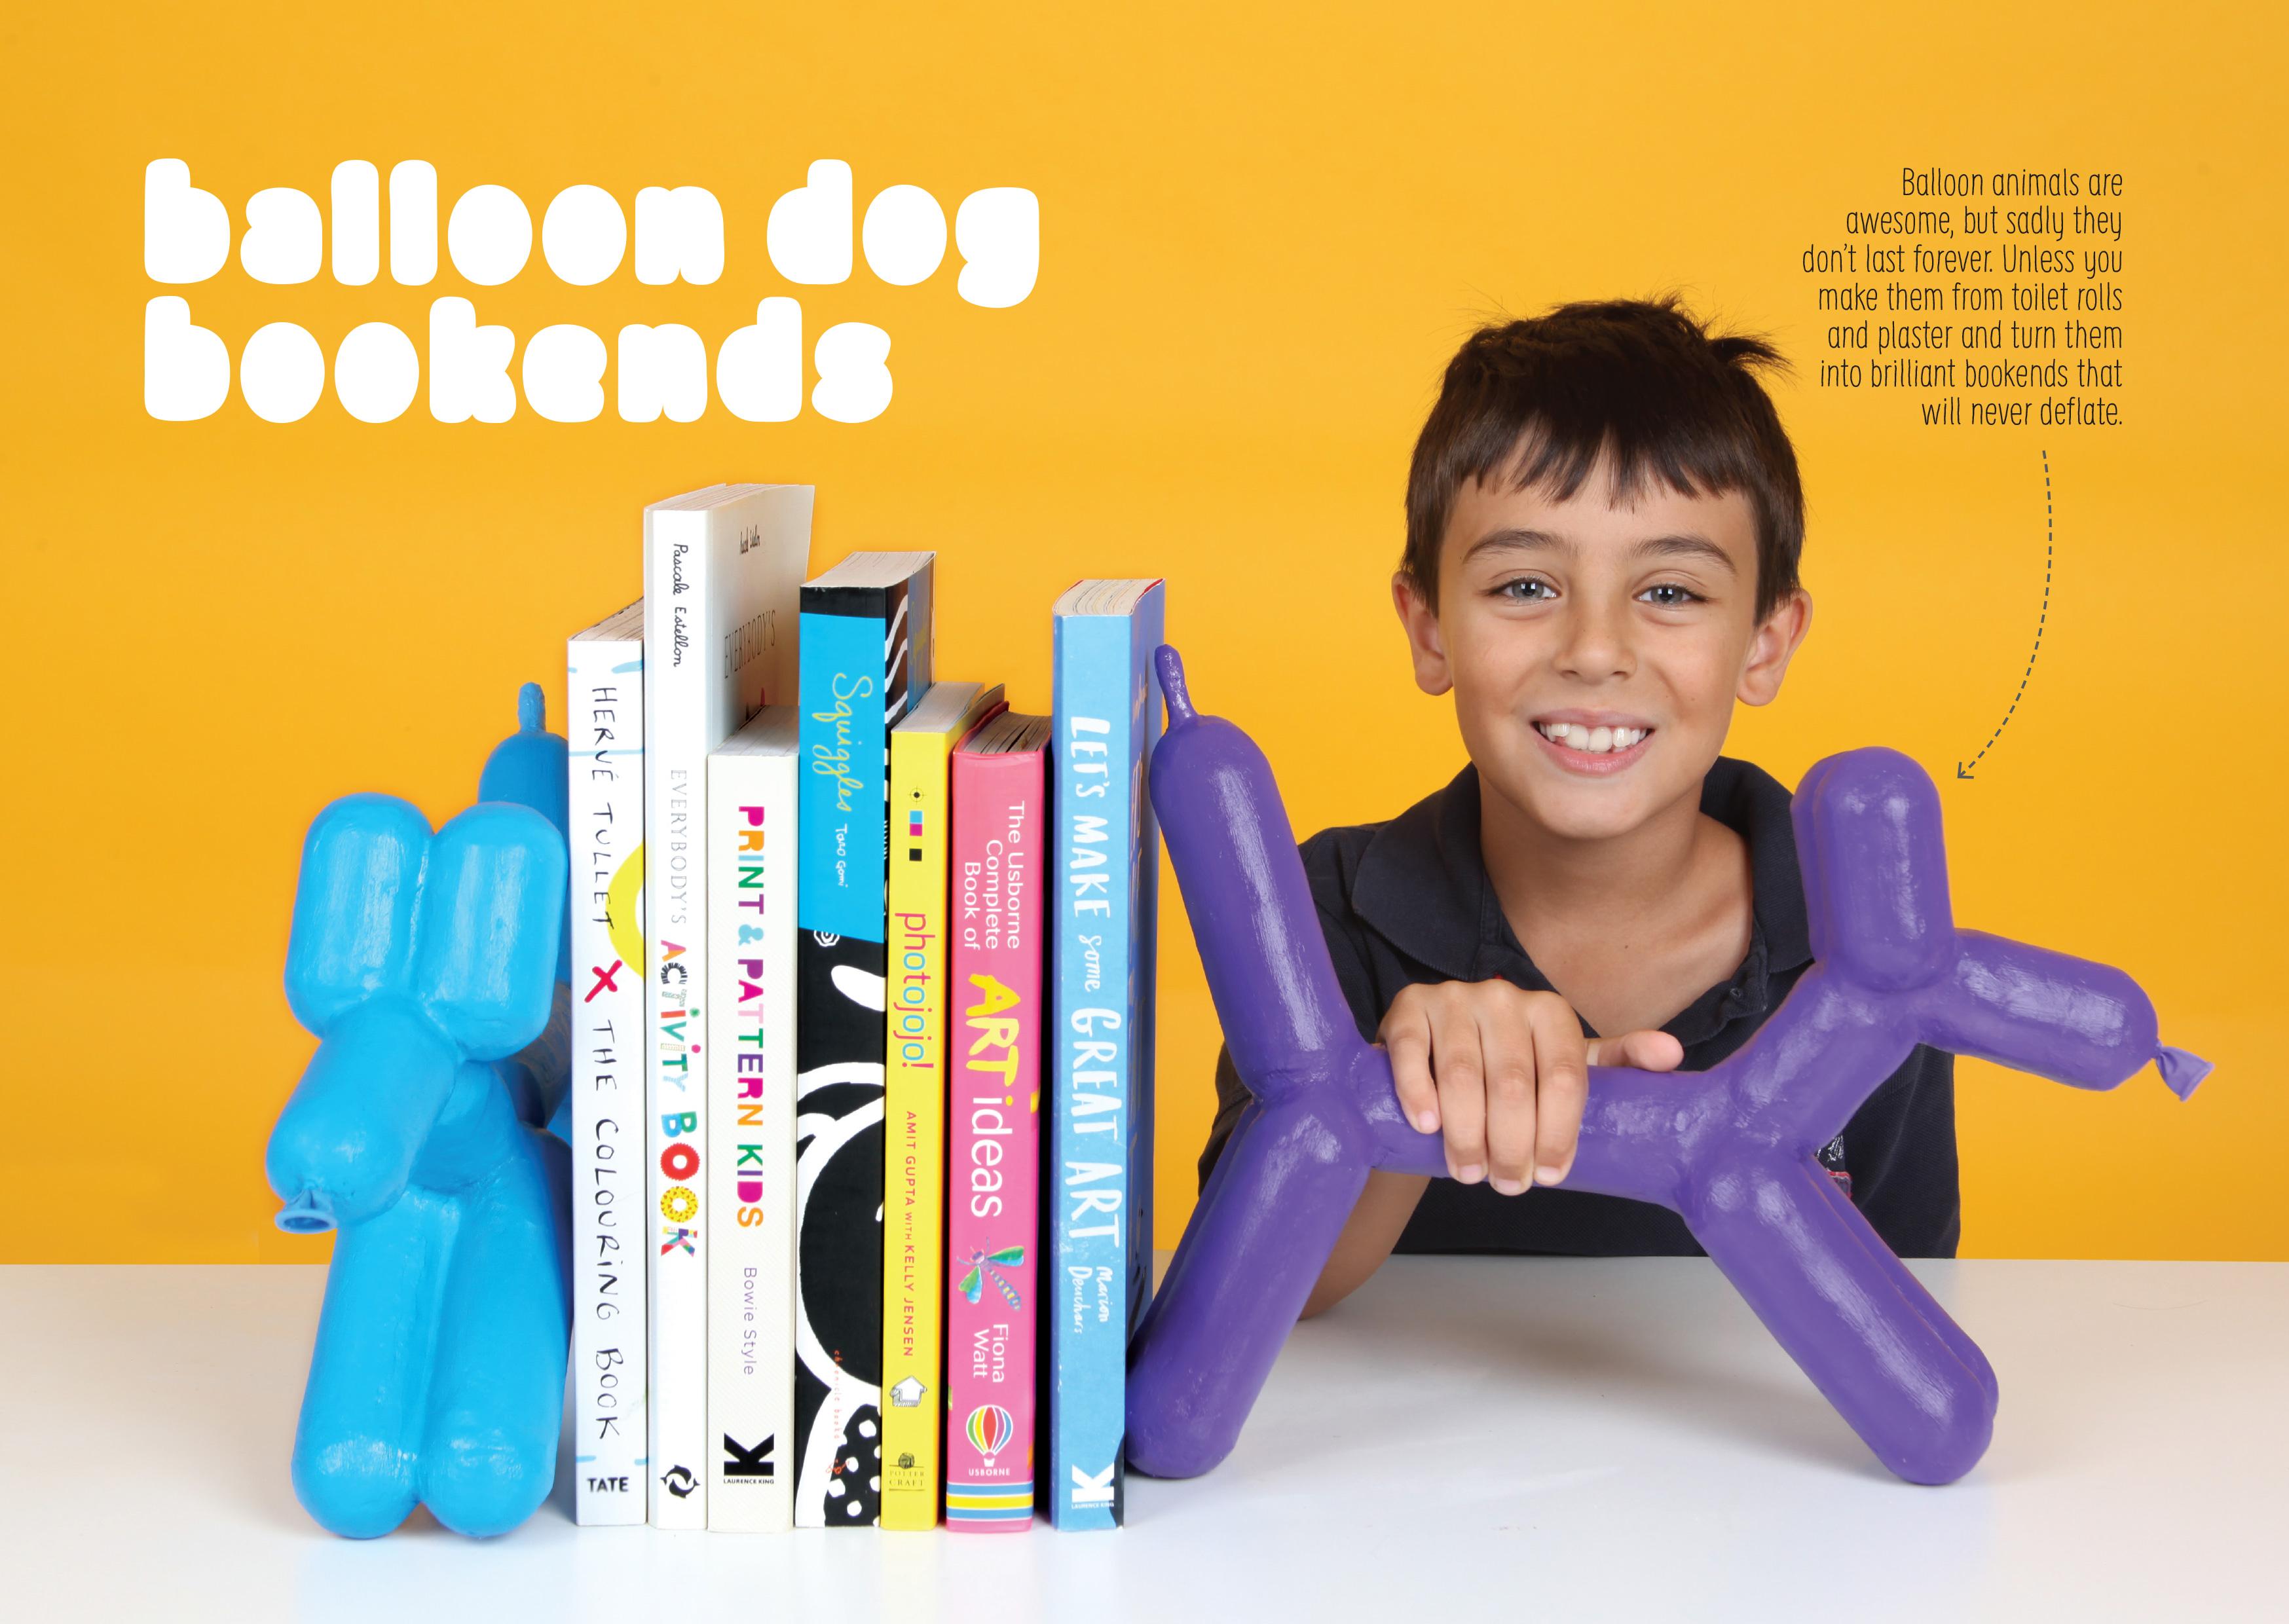 Lotta-balloon-dog